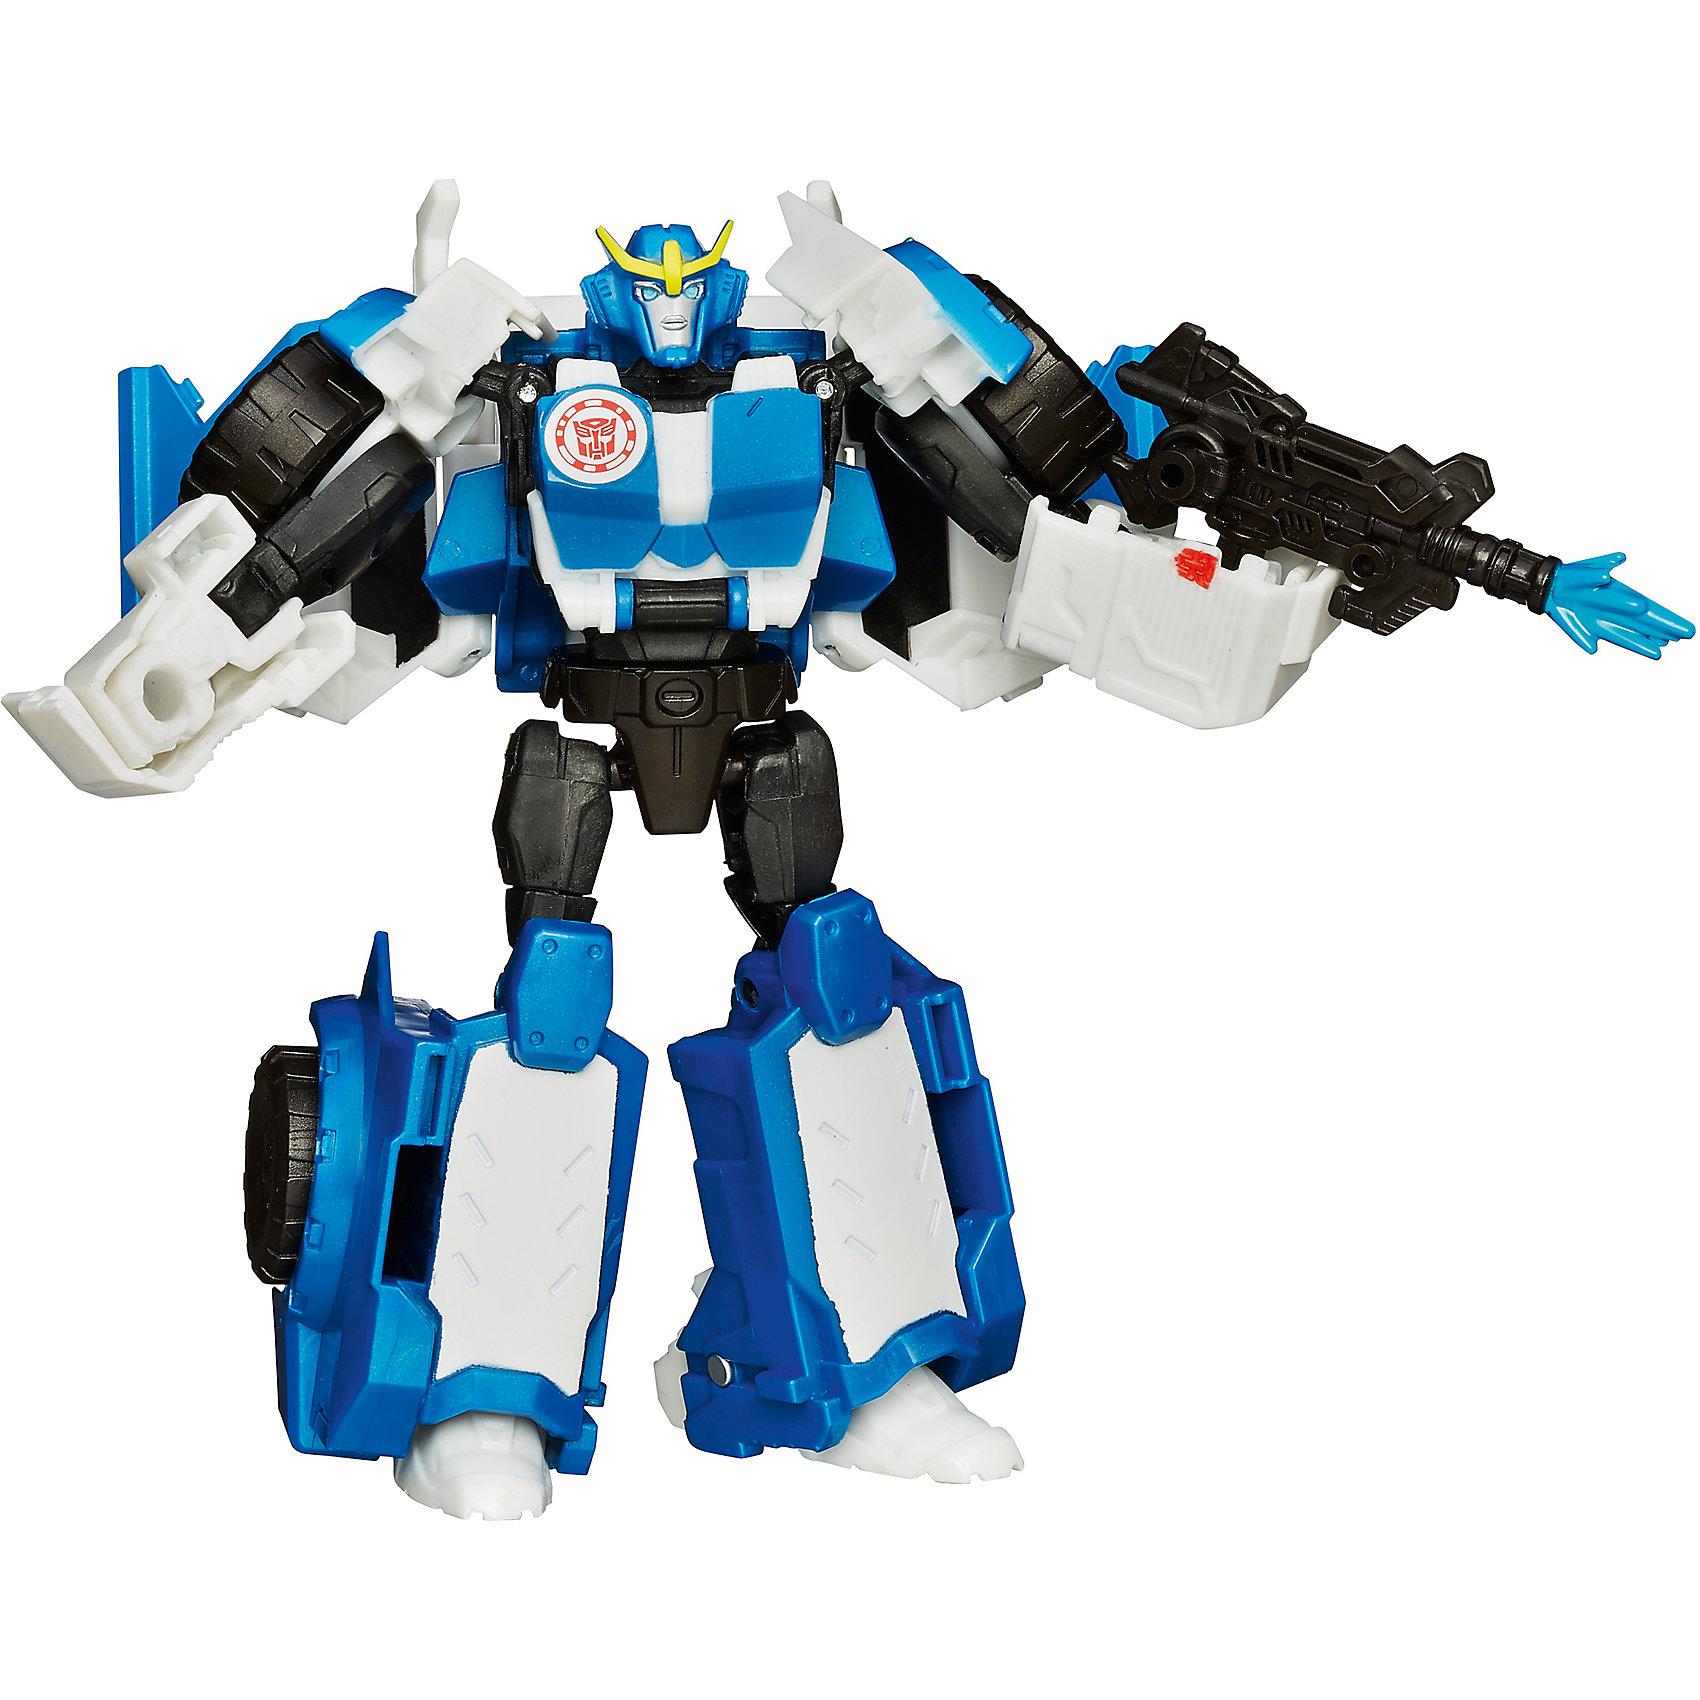 Cтронгарм, Роботс-ин-Дисгайс  Войны, ТрансформерыЛюбимый персонаж Стронгарм прекрасно  умеет атаковать противника. Трансформируется в полицейский джип. Высокий уровень детализации и  увлекательная трансформация в 8 шагов обязательно понравятся вашему ребенку. Эта игрушка не только понравится всем мальчишкам, она поможет развить мелкую моторику, внимание и фантазию ребенка. Выполнена из высококачественного прочного пластика, безопасного для детей.<br><br>Дополнительная информация:<br><br>- Материал: пластик.<br>- Размер: 12 см. <br>- Оружие в комплекте. <br><br>Cтронгарма, Роботс-ин-Дисгайс  Войны, Трансформеры (Transformers) можно купить в нашем магазине.<br><br>Ширина мм: 64<br>Глубина мм: 165<br>Высота мм: 254<br>Вес г: 290<br>Возраст от месяцев: 72<br>Возраст до месяцев: 192<br>Пол: Мужской<br>Возраст: Детский<br>SKU: 3971709